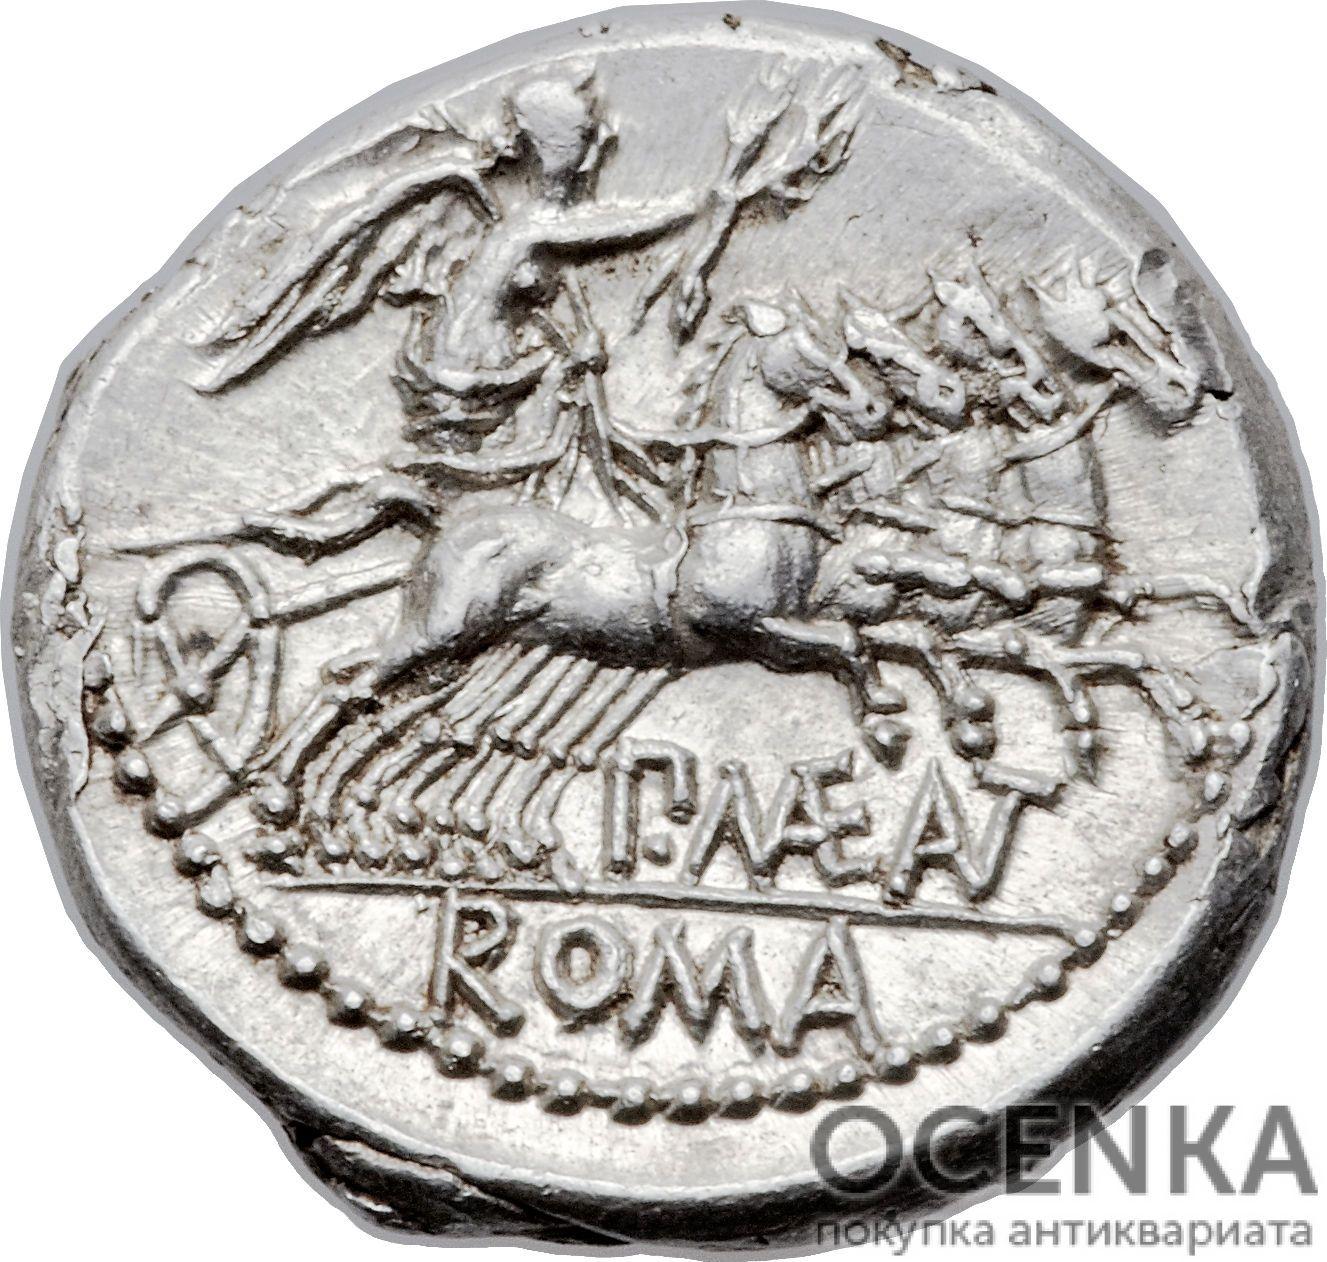 Серебряный Республиканский Денарий Публия Мения Анциата, 132 год до н.э. - 1